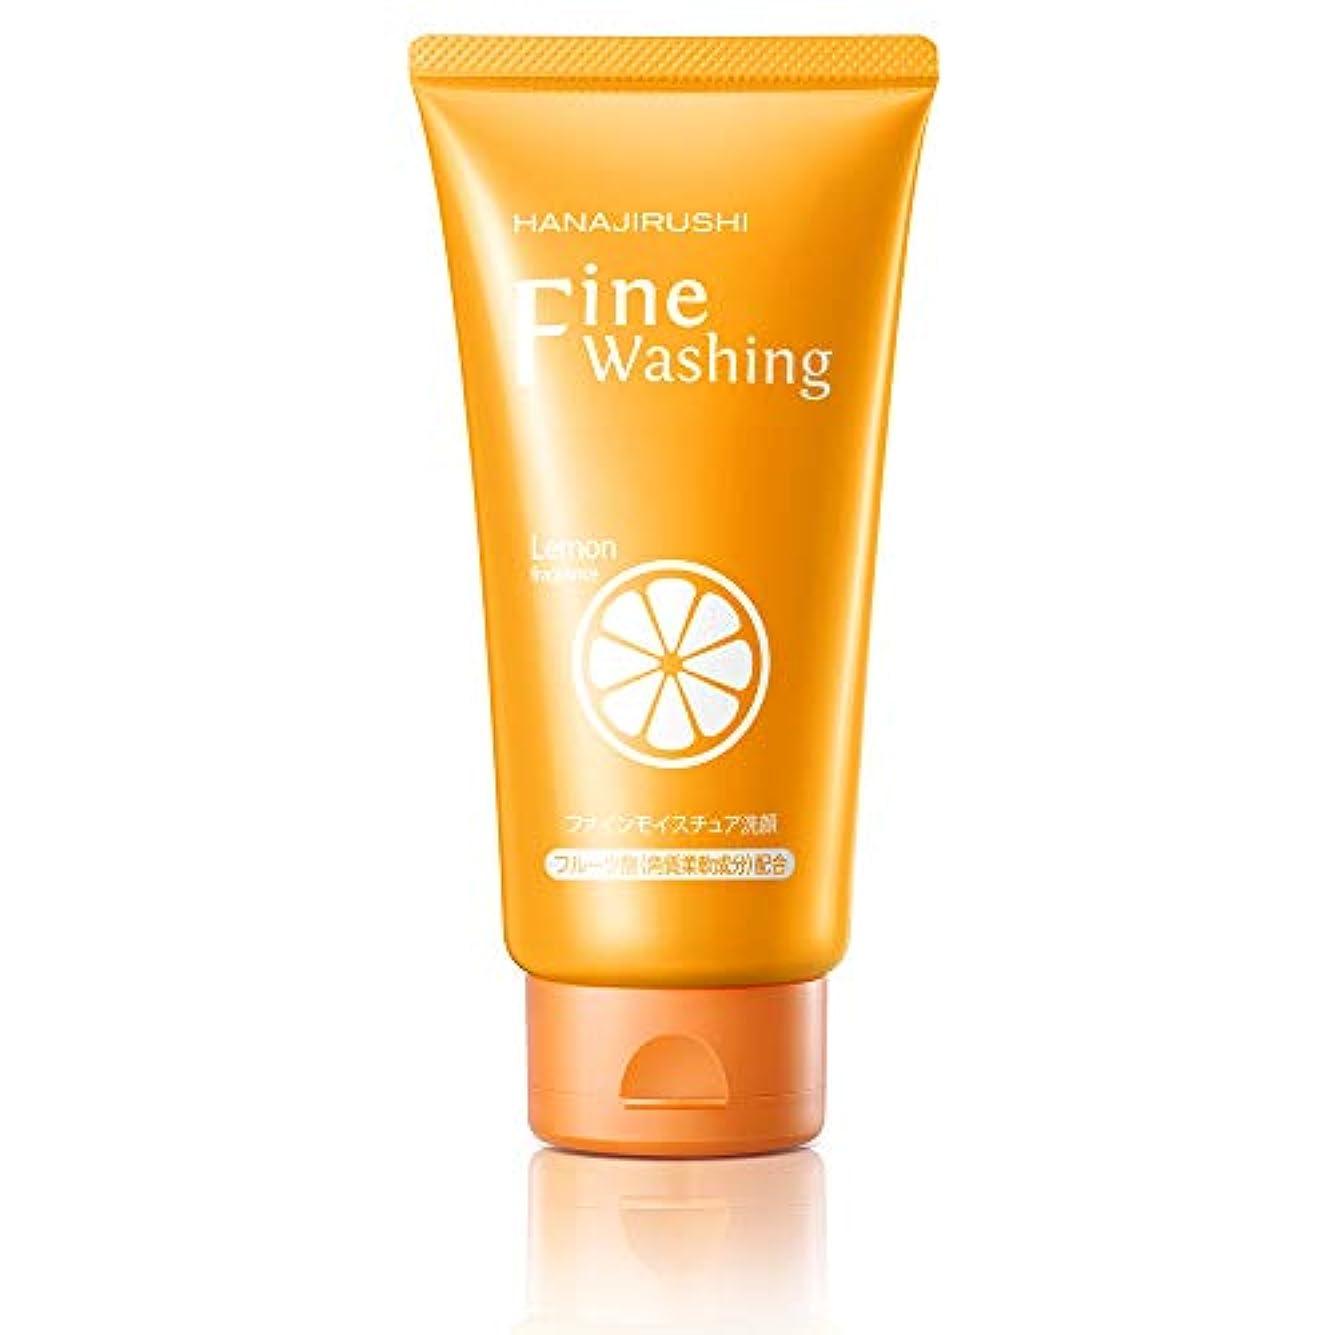 光の発疹豚花印ビタミンC誘導体配合ホワイト洗顔フォーム120g シミ?くすみ対策